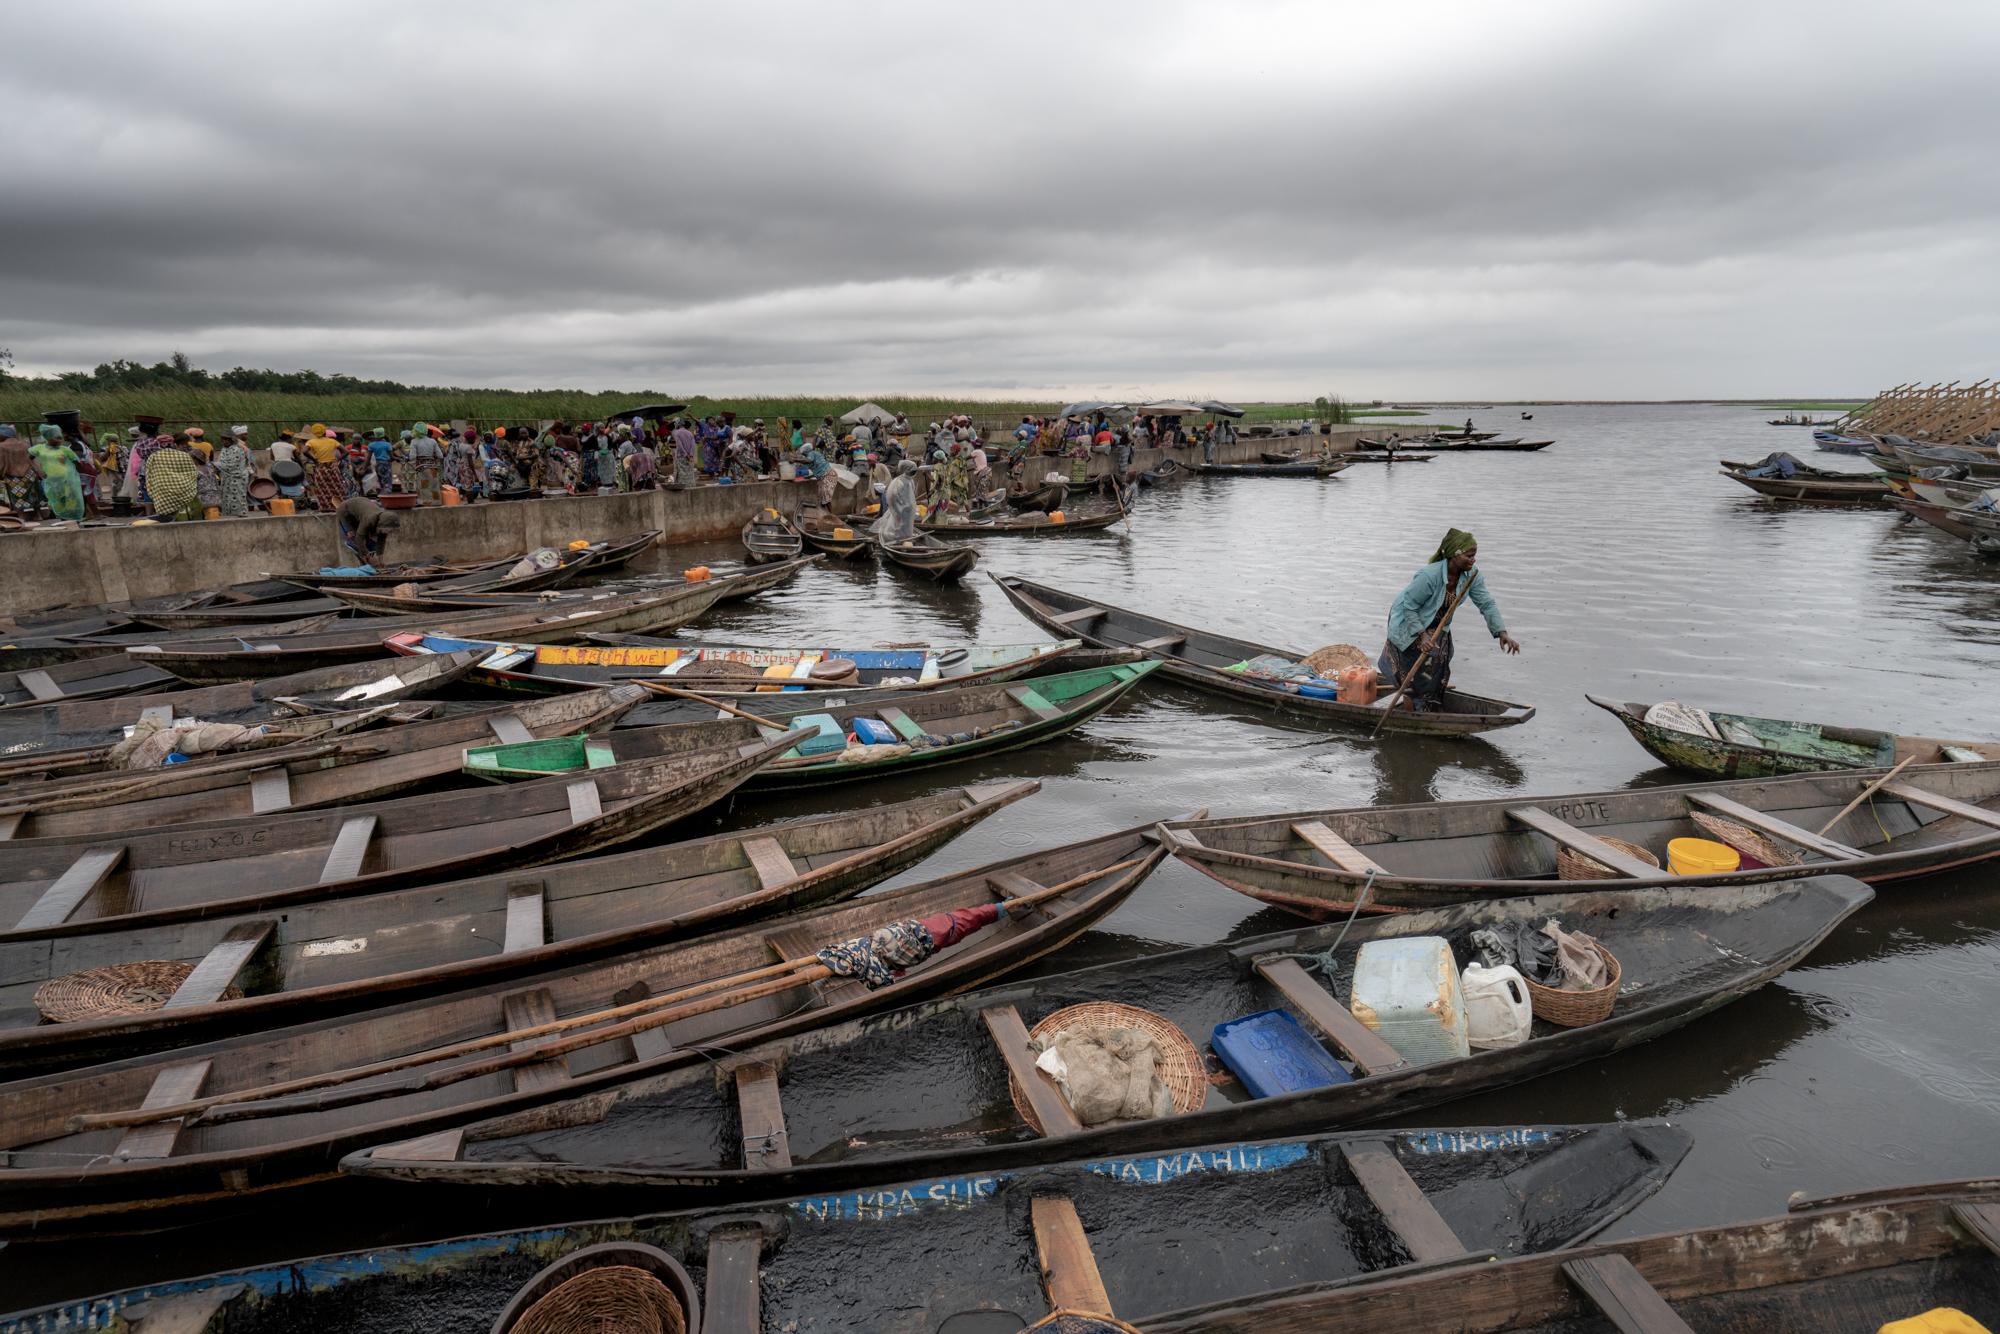 Benin_2000_ret  sin título2018-09115 7952 x 5304.jpg